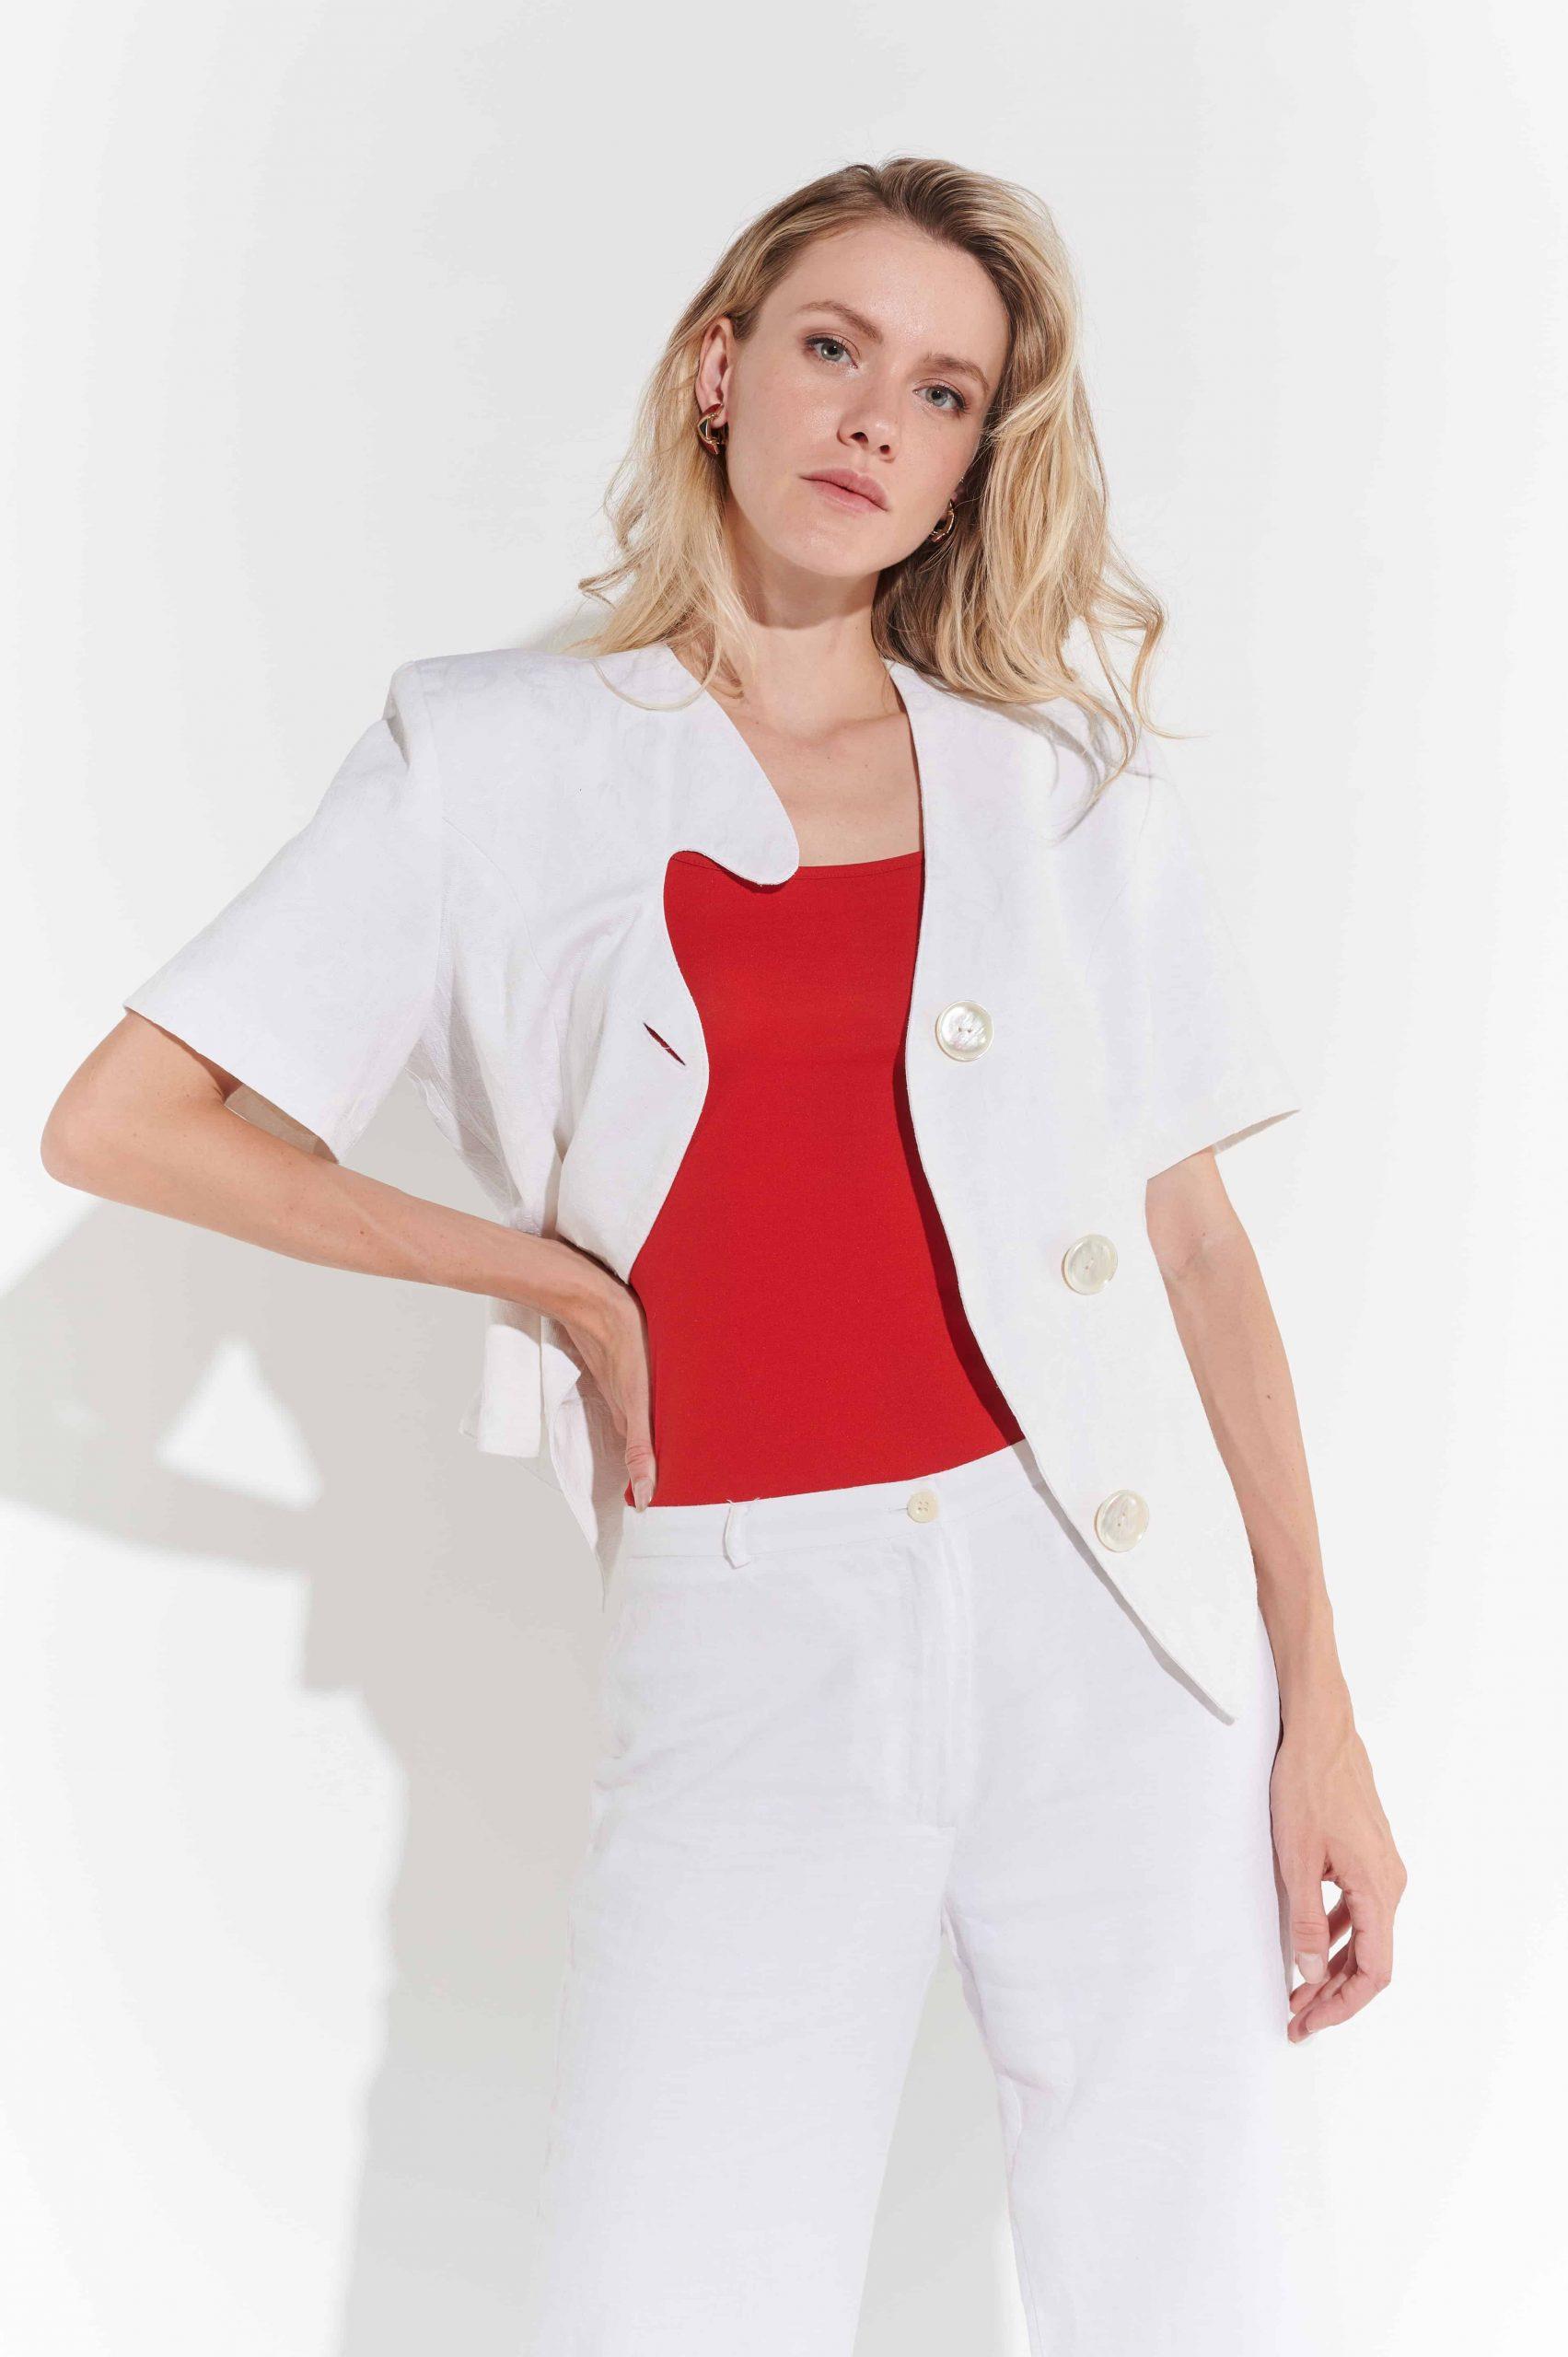 80ler Beyaz Keten Yuvarlak Omuzlu Yazlık Ceketi